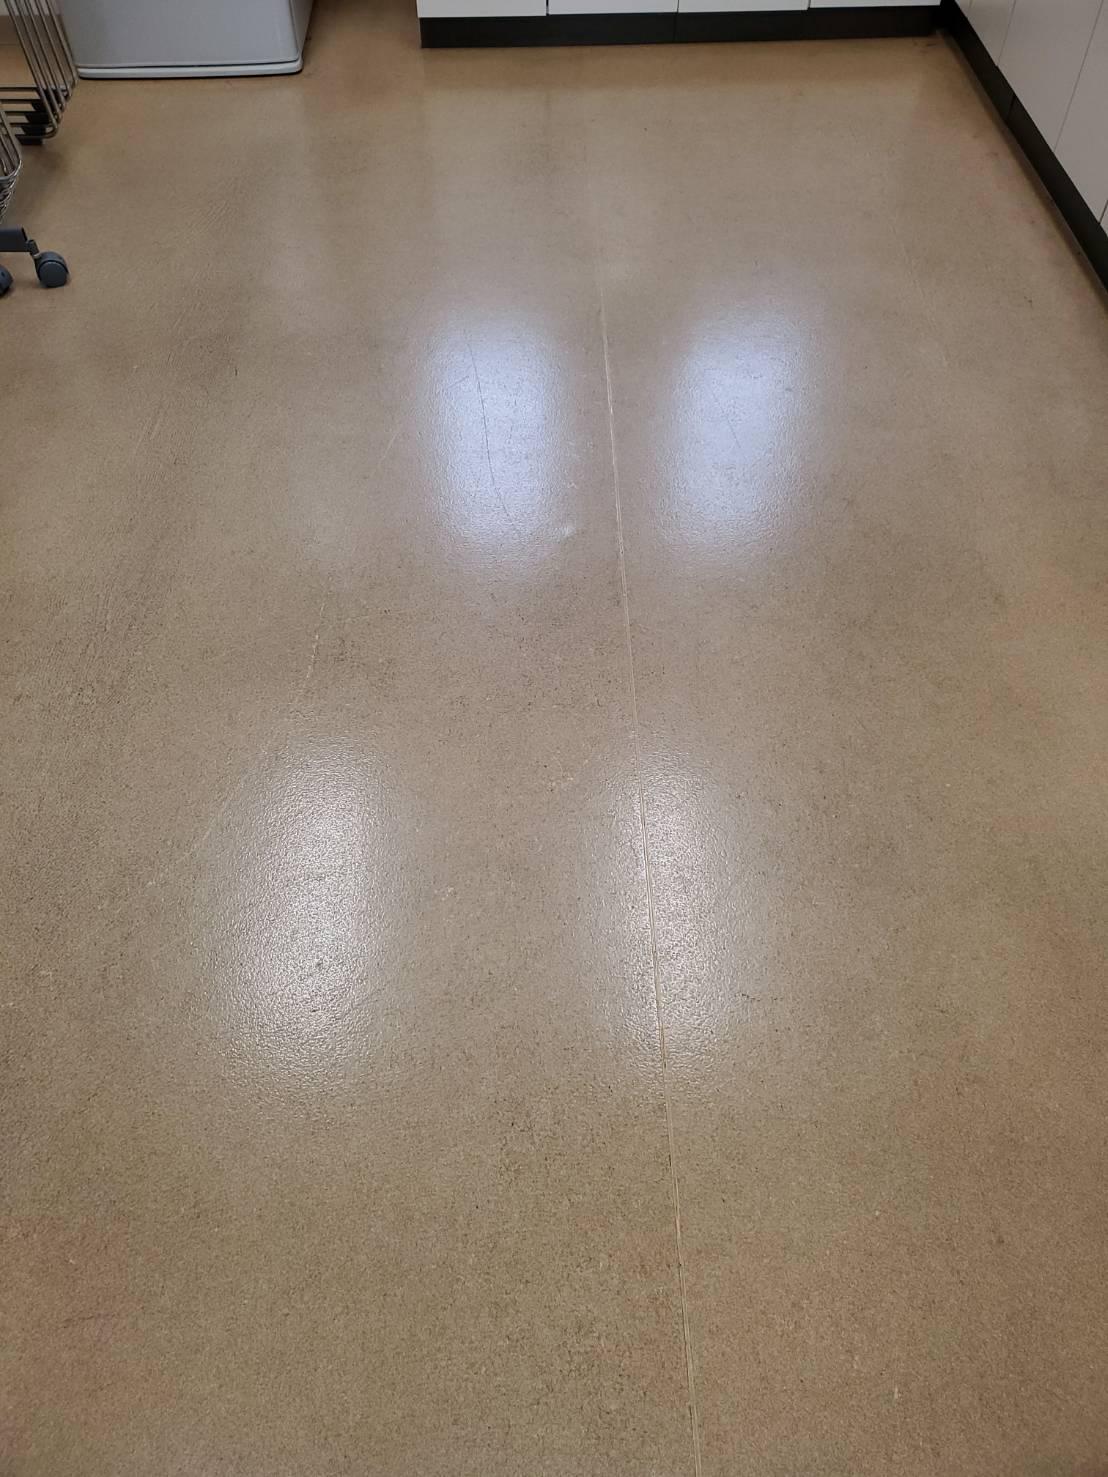 コミュニティーセンター 床面清掃